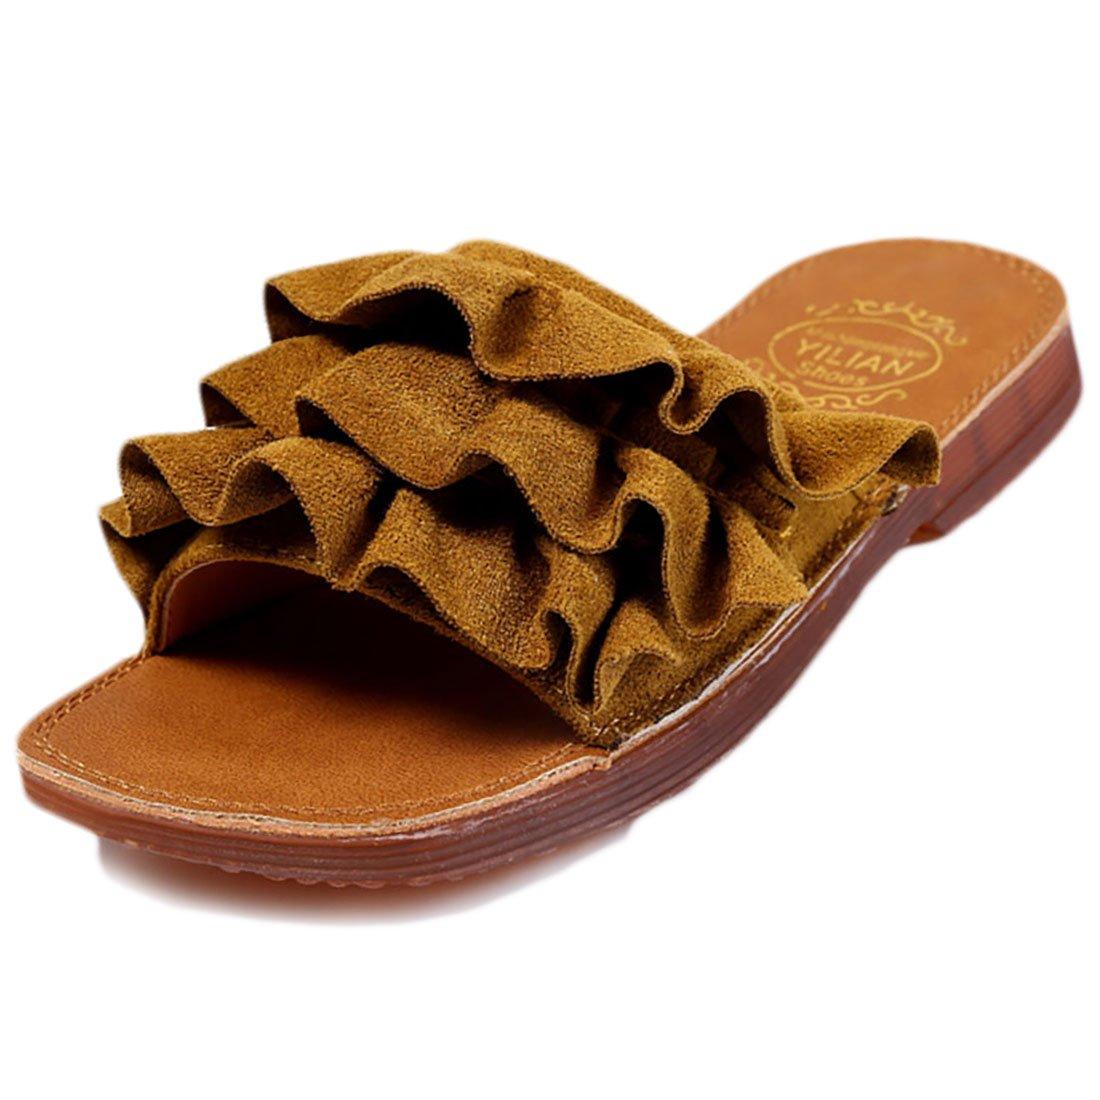 YIBLBOX Toddler Baby Girls Ruffles Slippers Flat Summer Beach Shoes Flip Flops Sandals